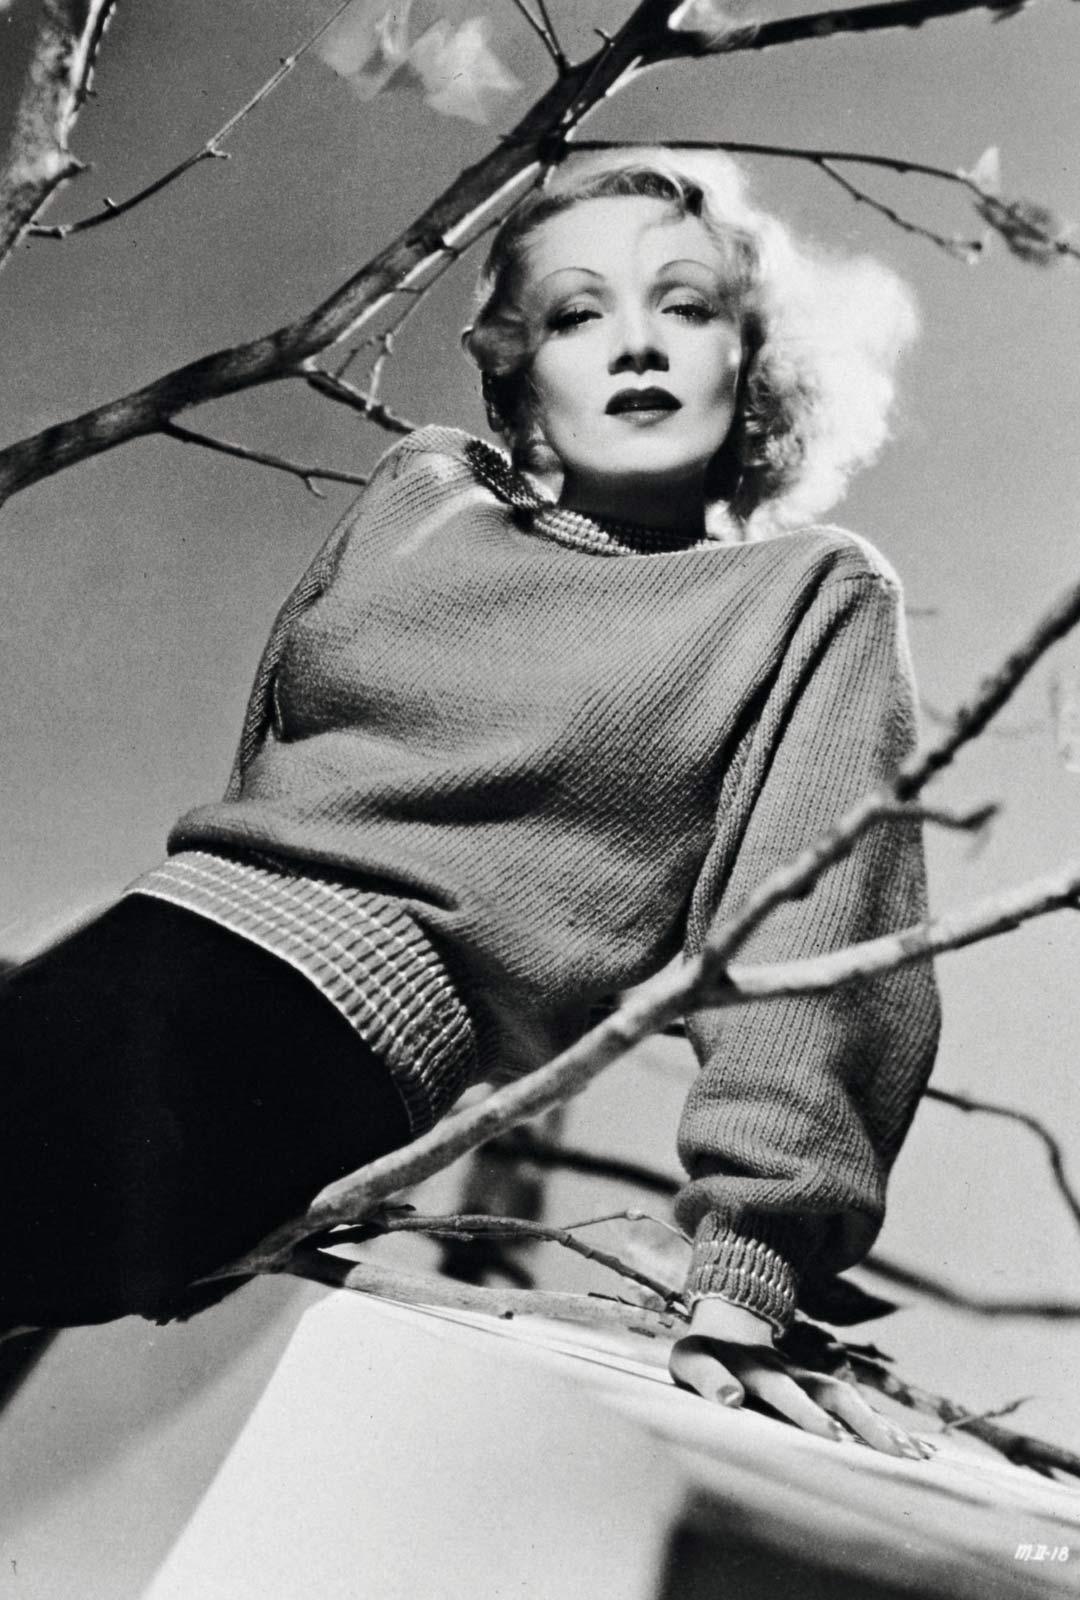 Myös maailmantähti Marlene Dietrich levytti Lili Marlenen Yhdysvaltain armeijan propagandakäyttöön vuonna 1944.